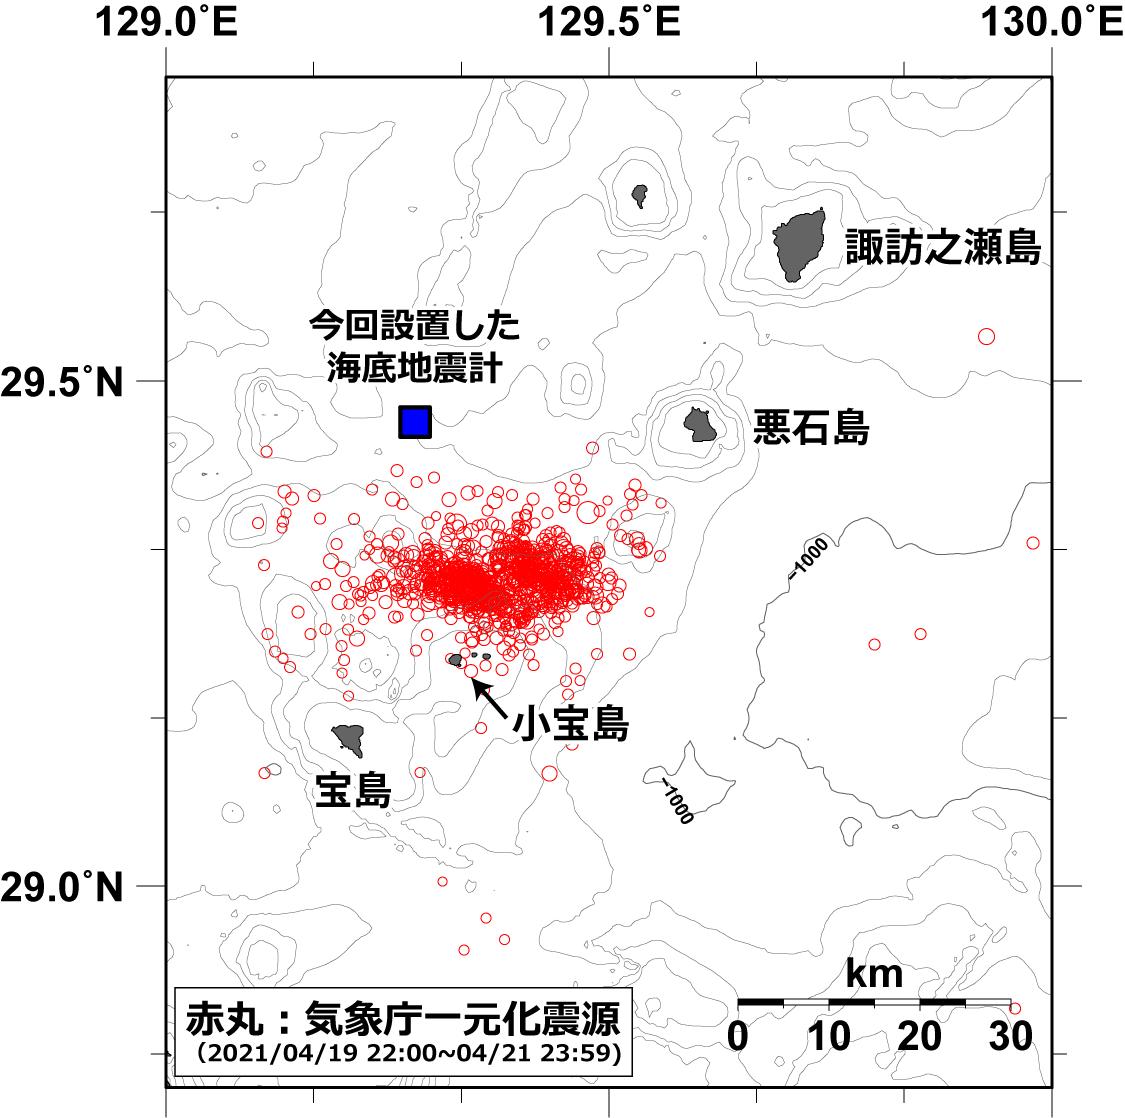 今回設置した海底地震計の位置と気象庁による震央分布